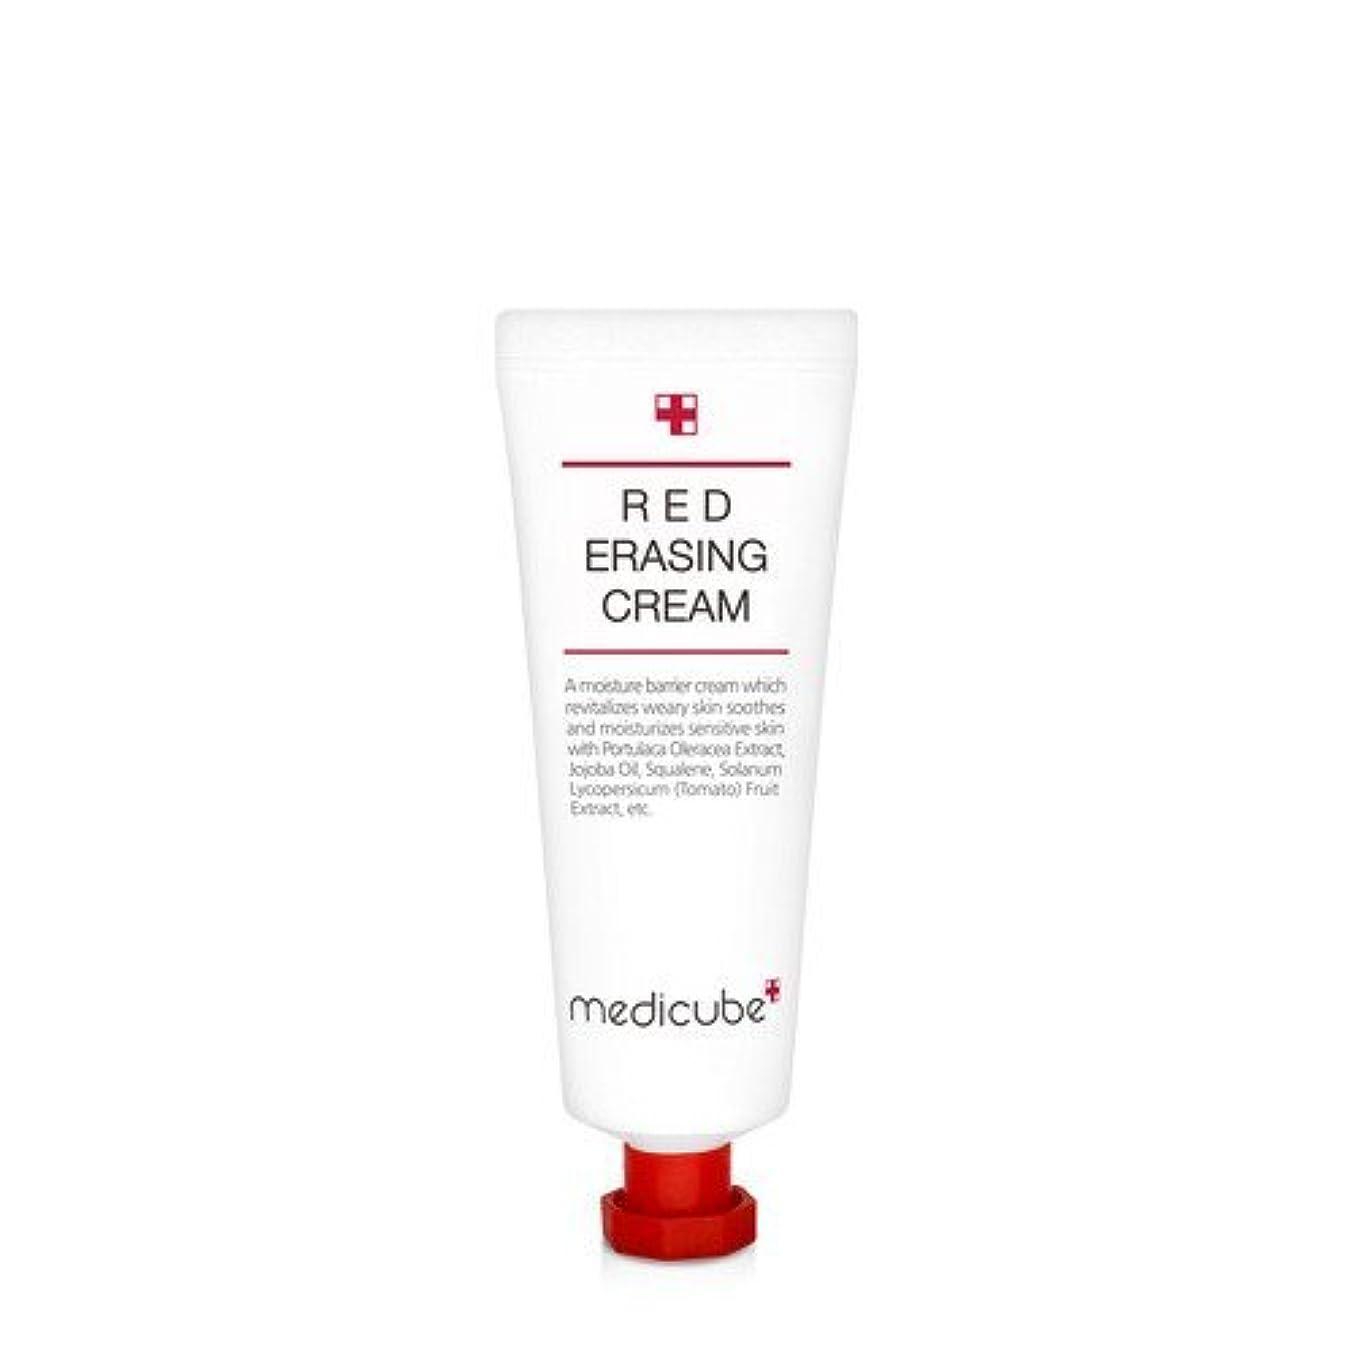 カメ代わりにを立てる乱雑な[Medicube]Red Erasing Cream 50g / メディキューブレッドイレイジングクリーム / 正品?海外直送商品 [並行輸入品]